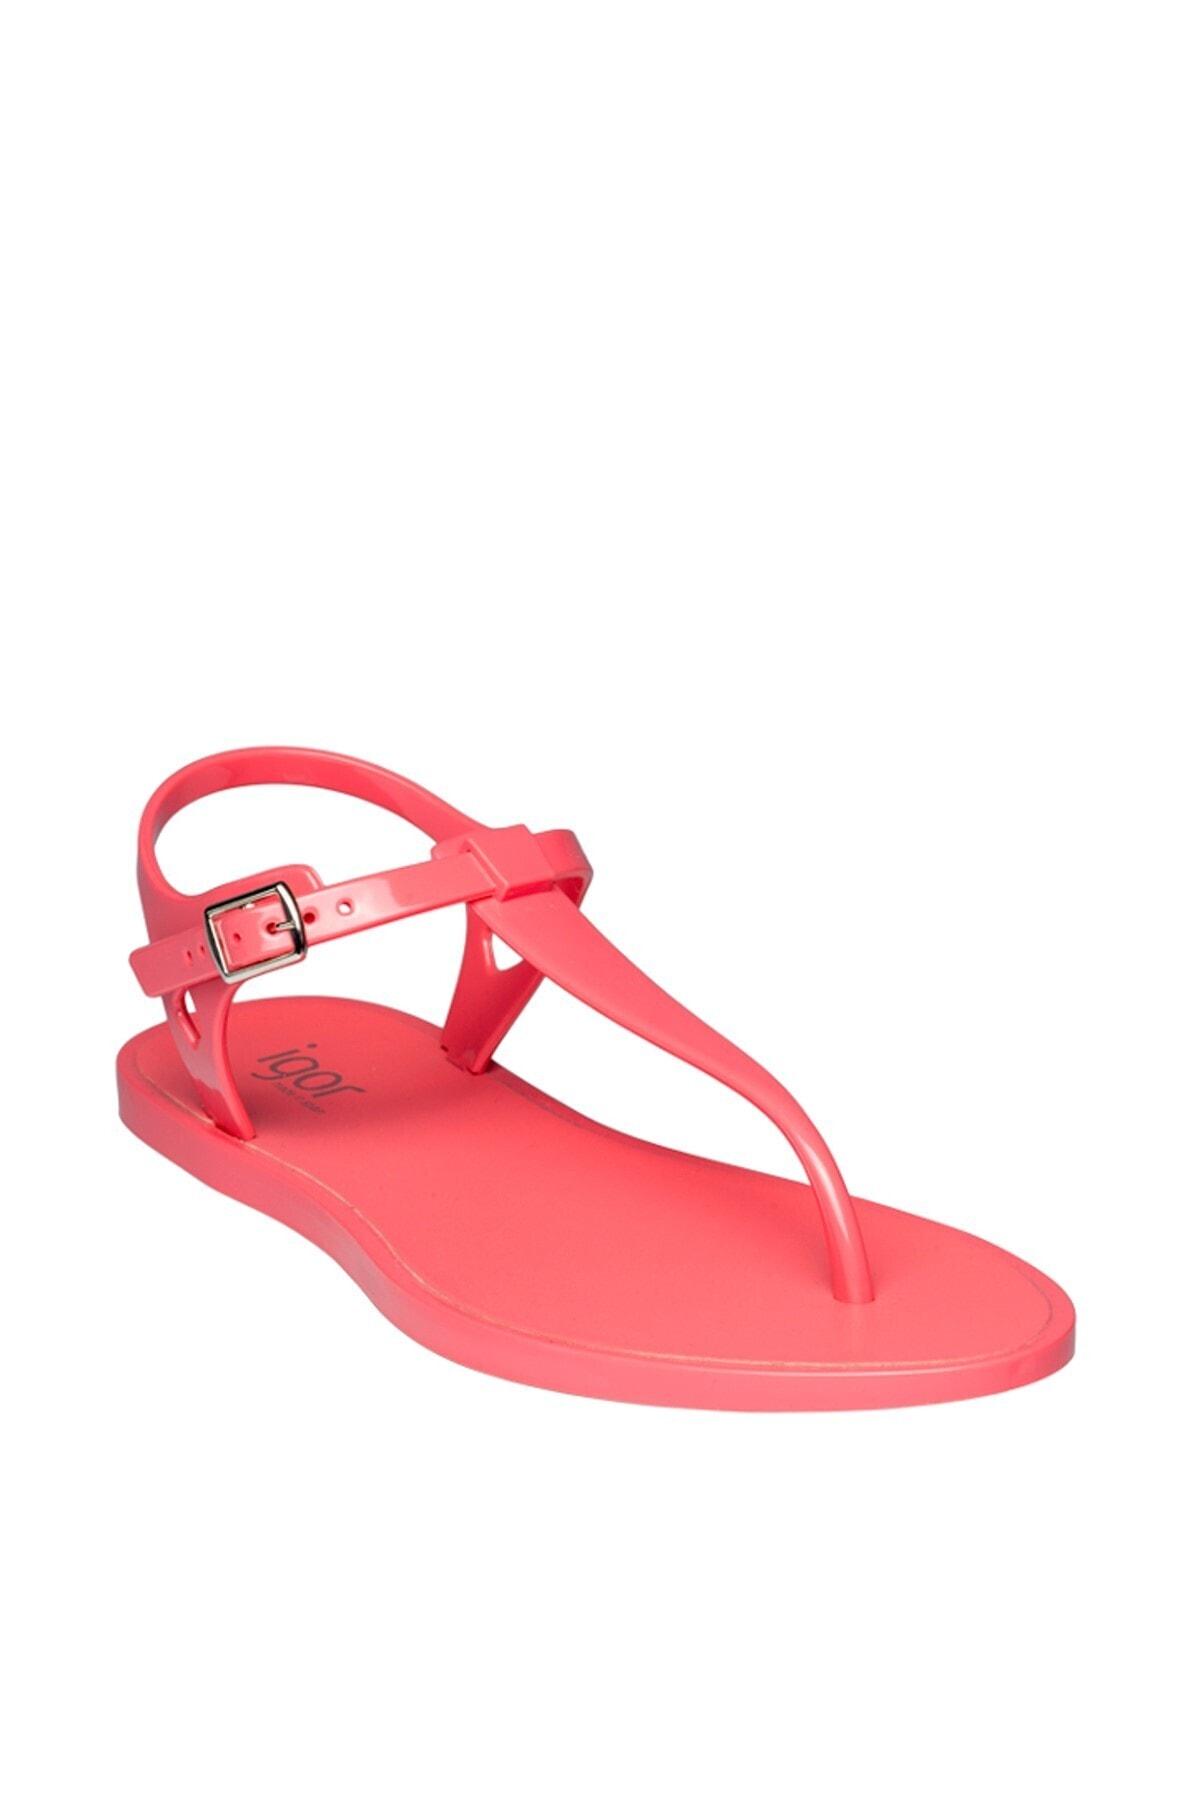 IGOR Kadın Pembe Sandalet S10172 2